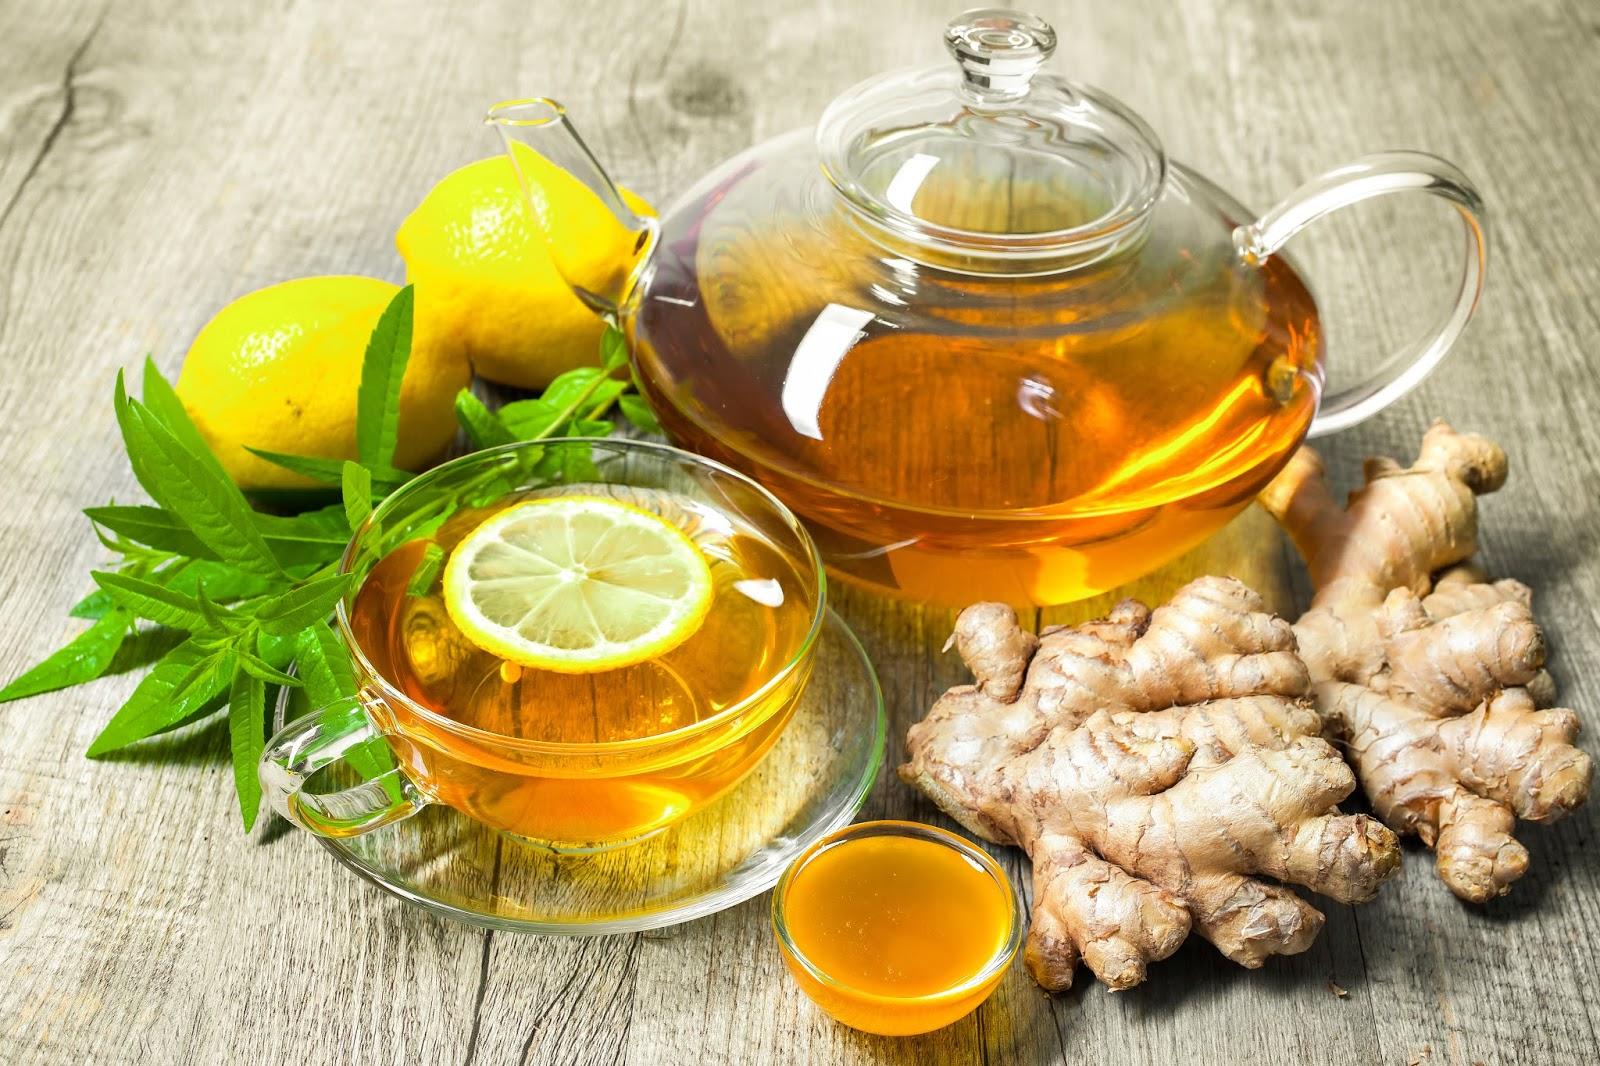 как заваривать зеленый чай в заварнике